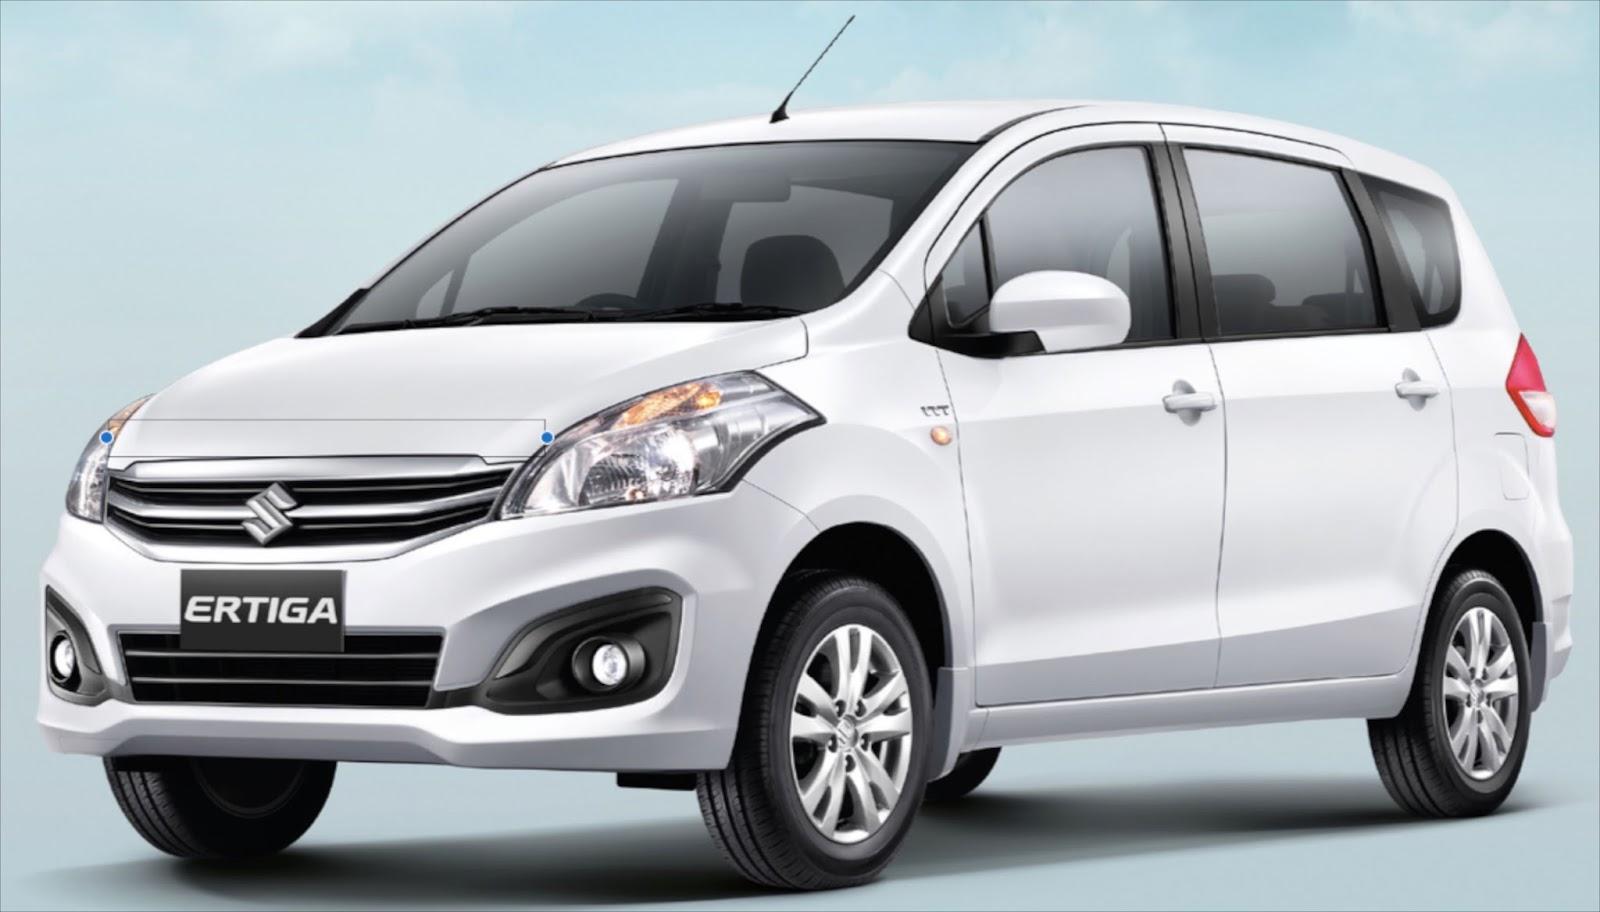 2016 Maruti Suzuki Ertiga Front Look